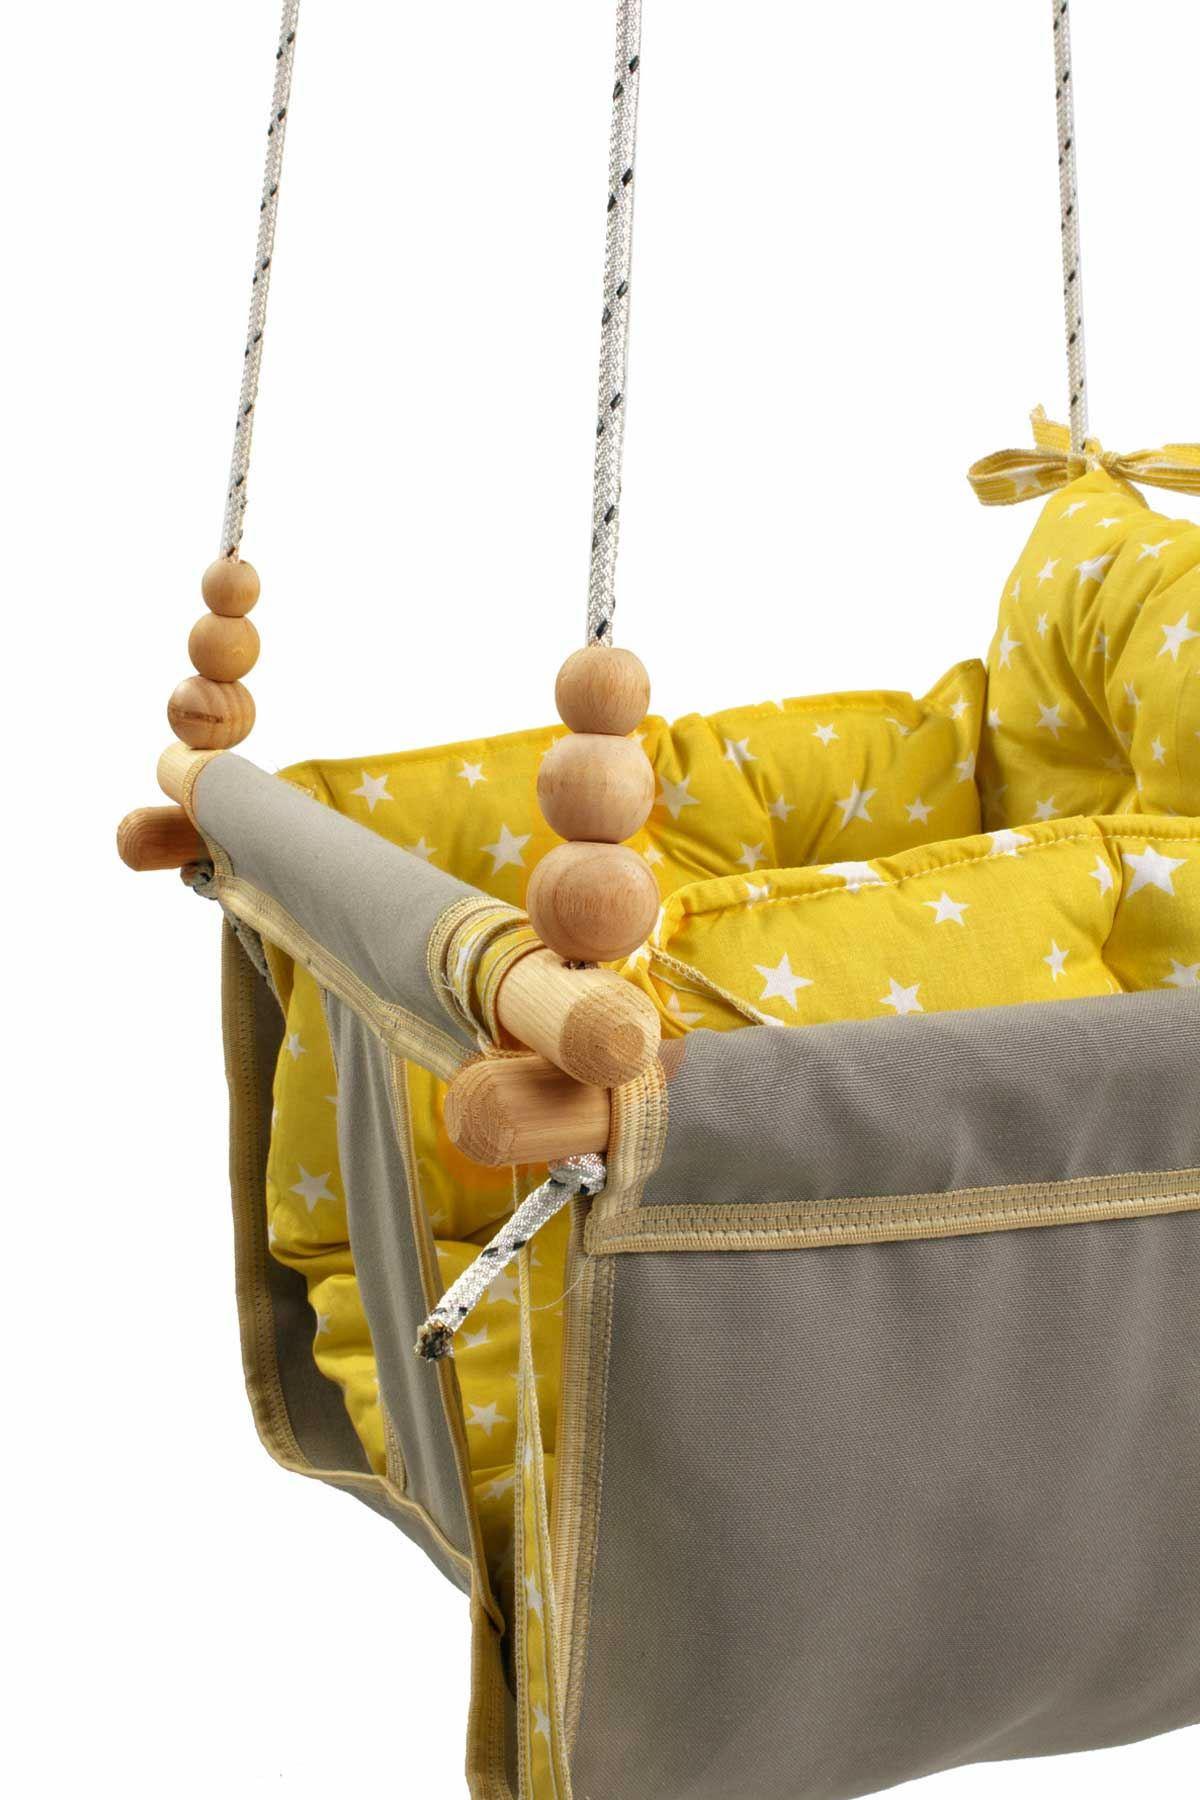 Gri Wag Swing Çocuk Ahşap Salıncak Bebek Hamak Bahçe Salıcağı